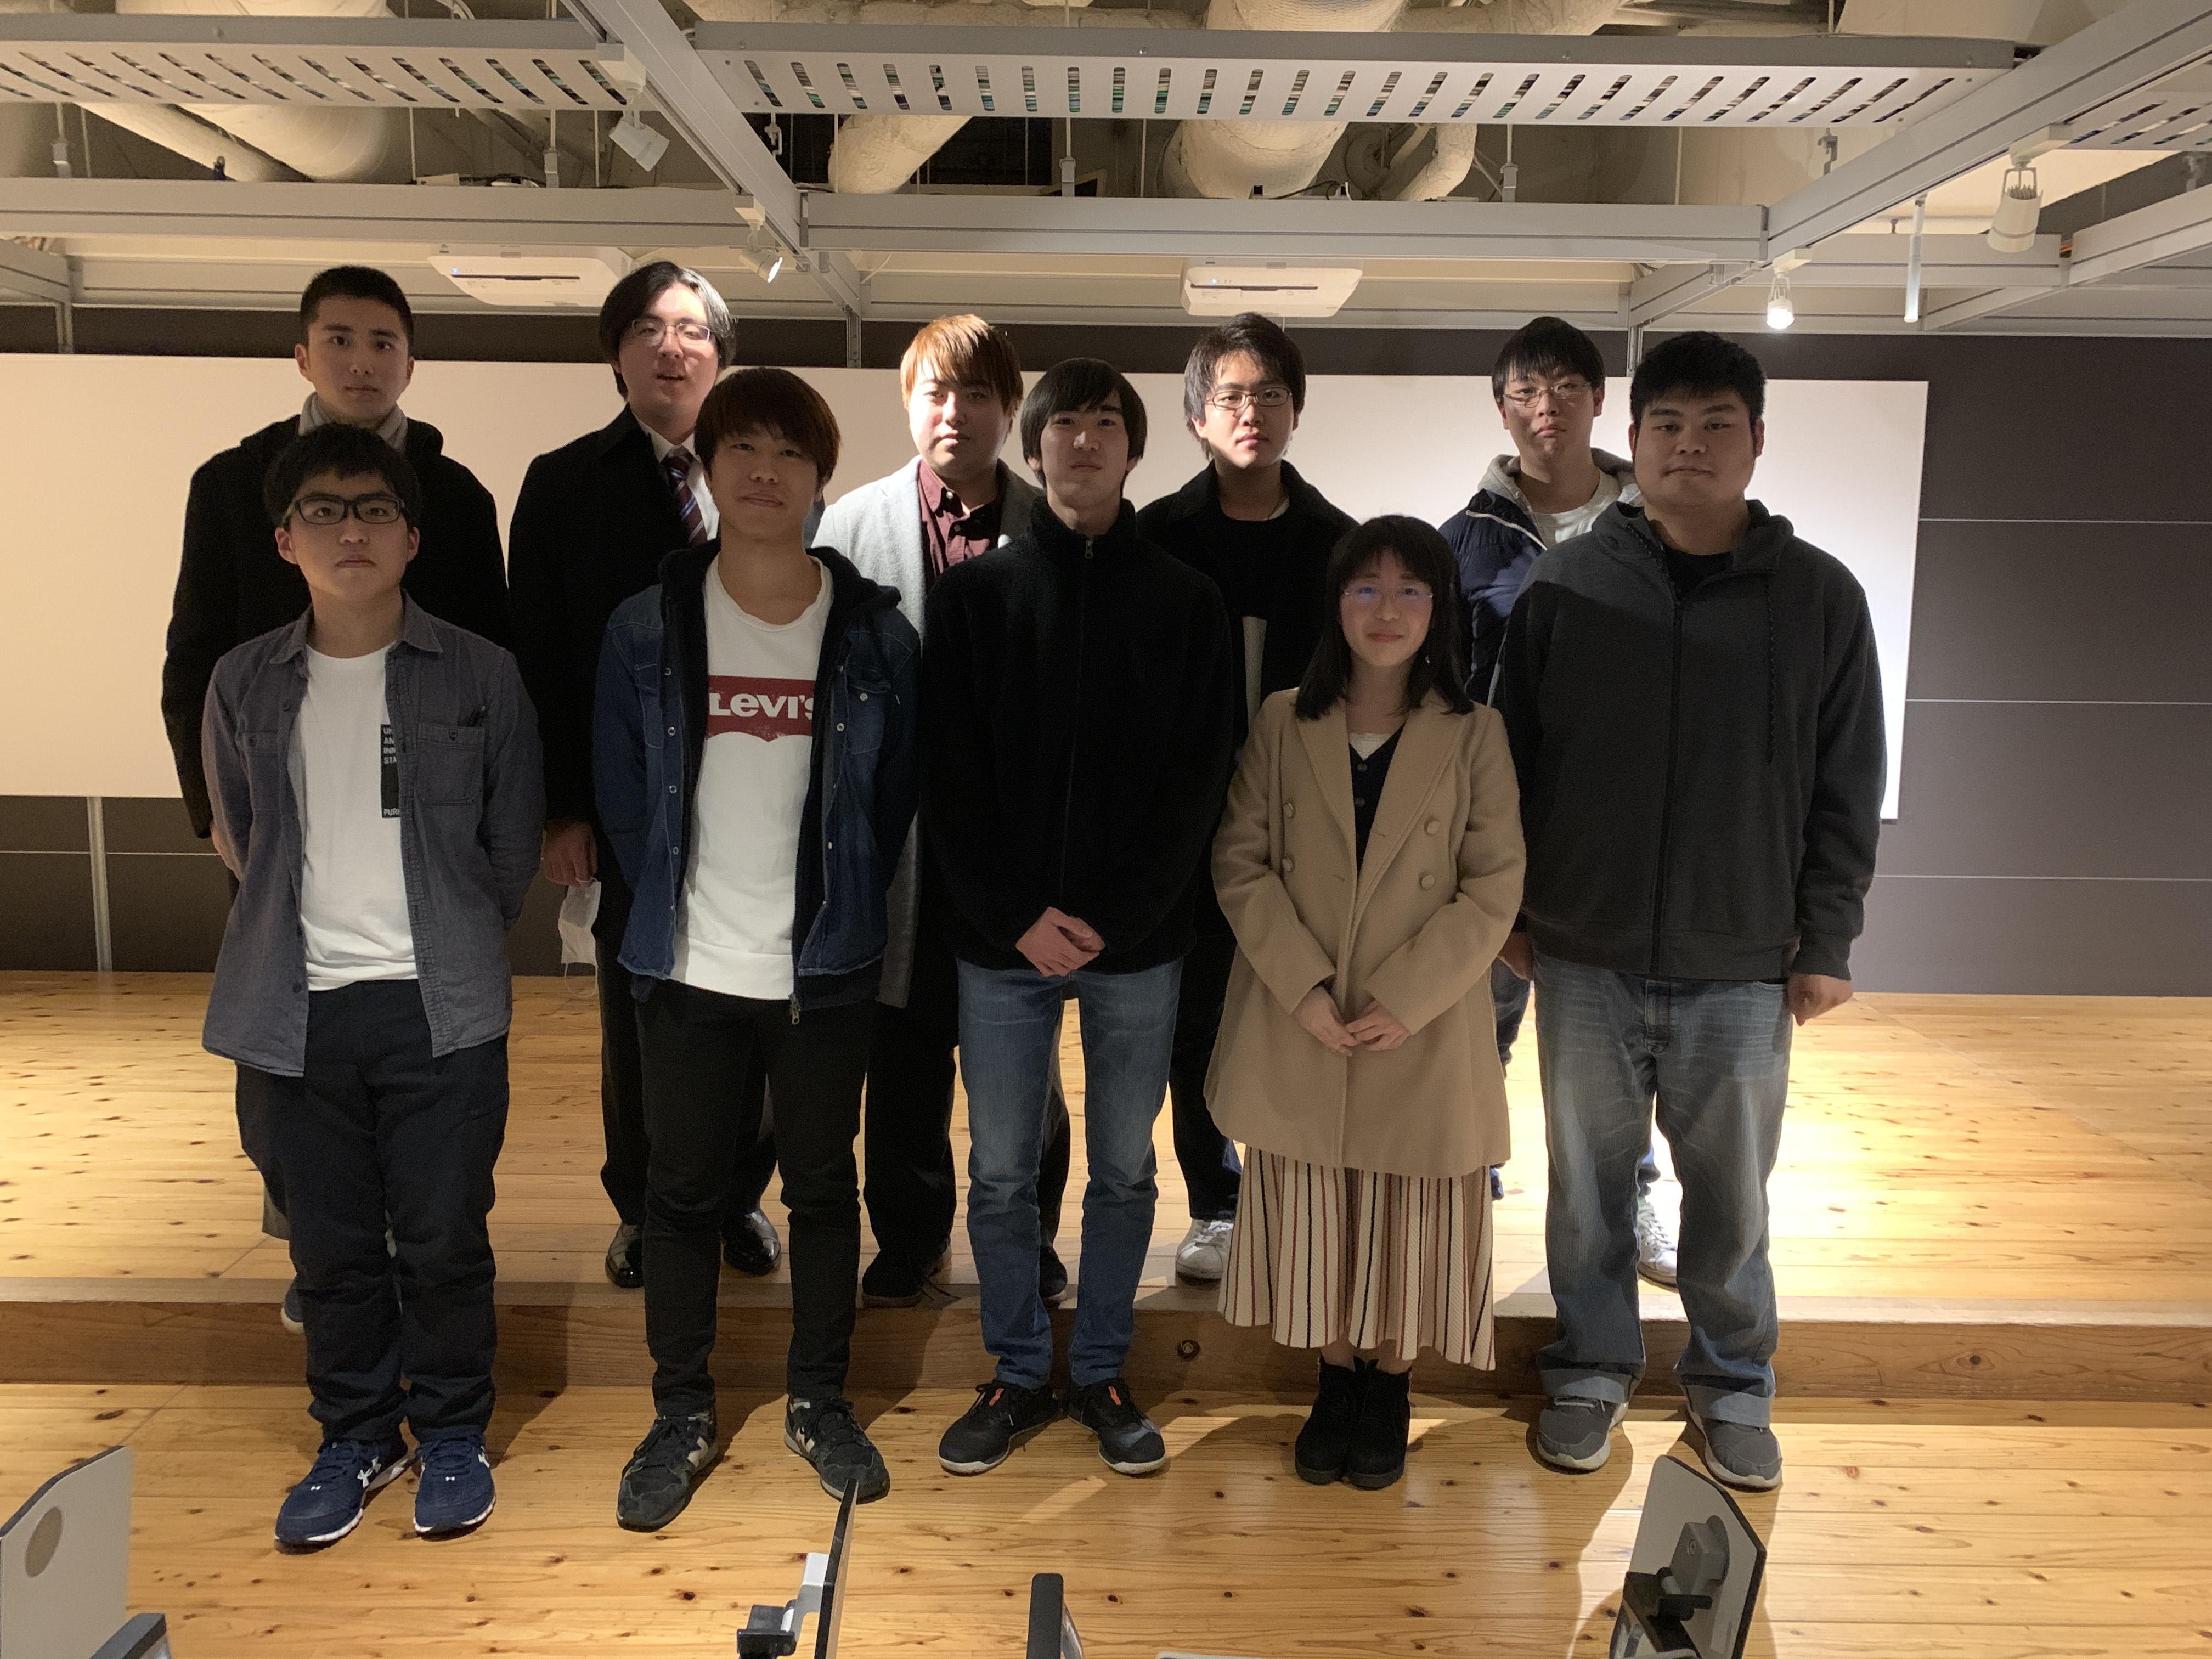 江戸川大学情報文化学科の学生が「社会スタディ」に参加 -- 私立大学情報教育協会主催の「未来を切り拓く志を支援する」取り組み